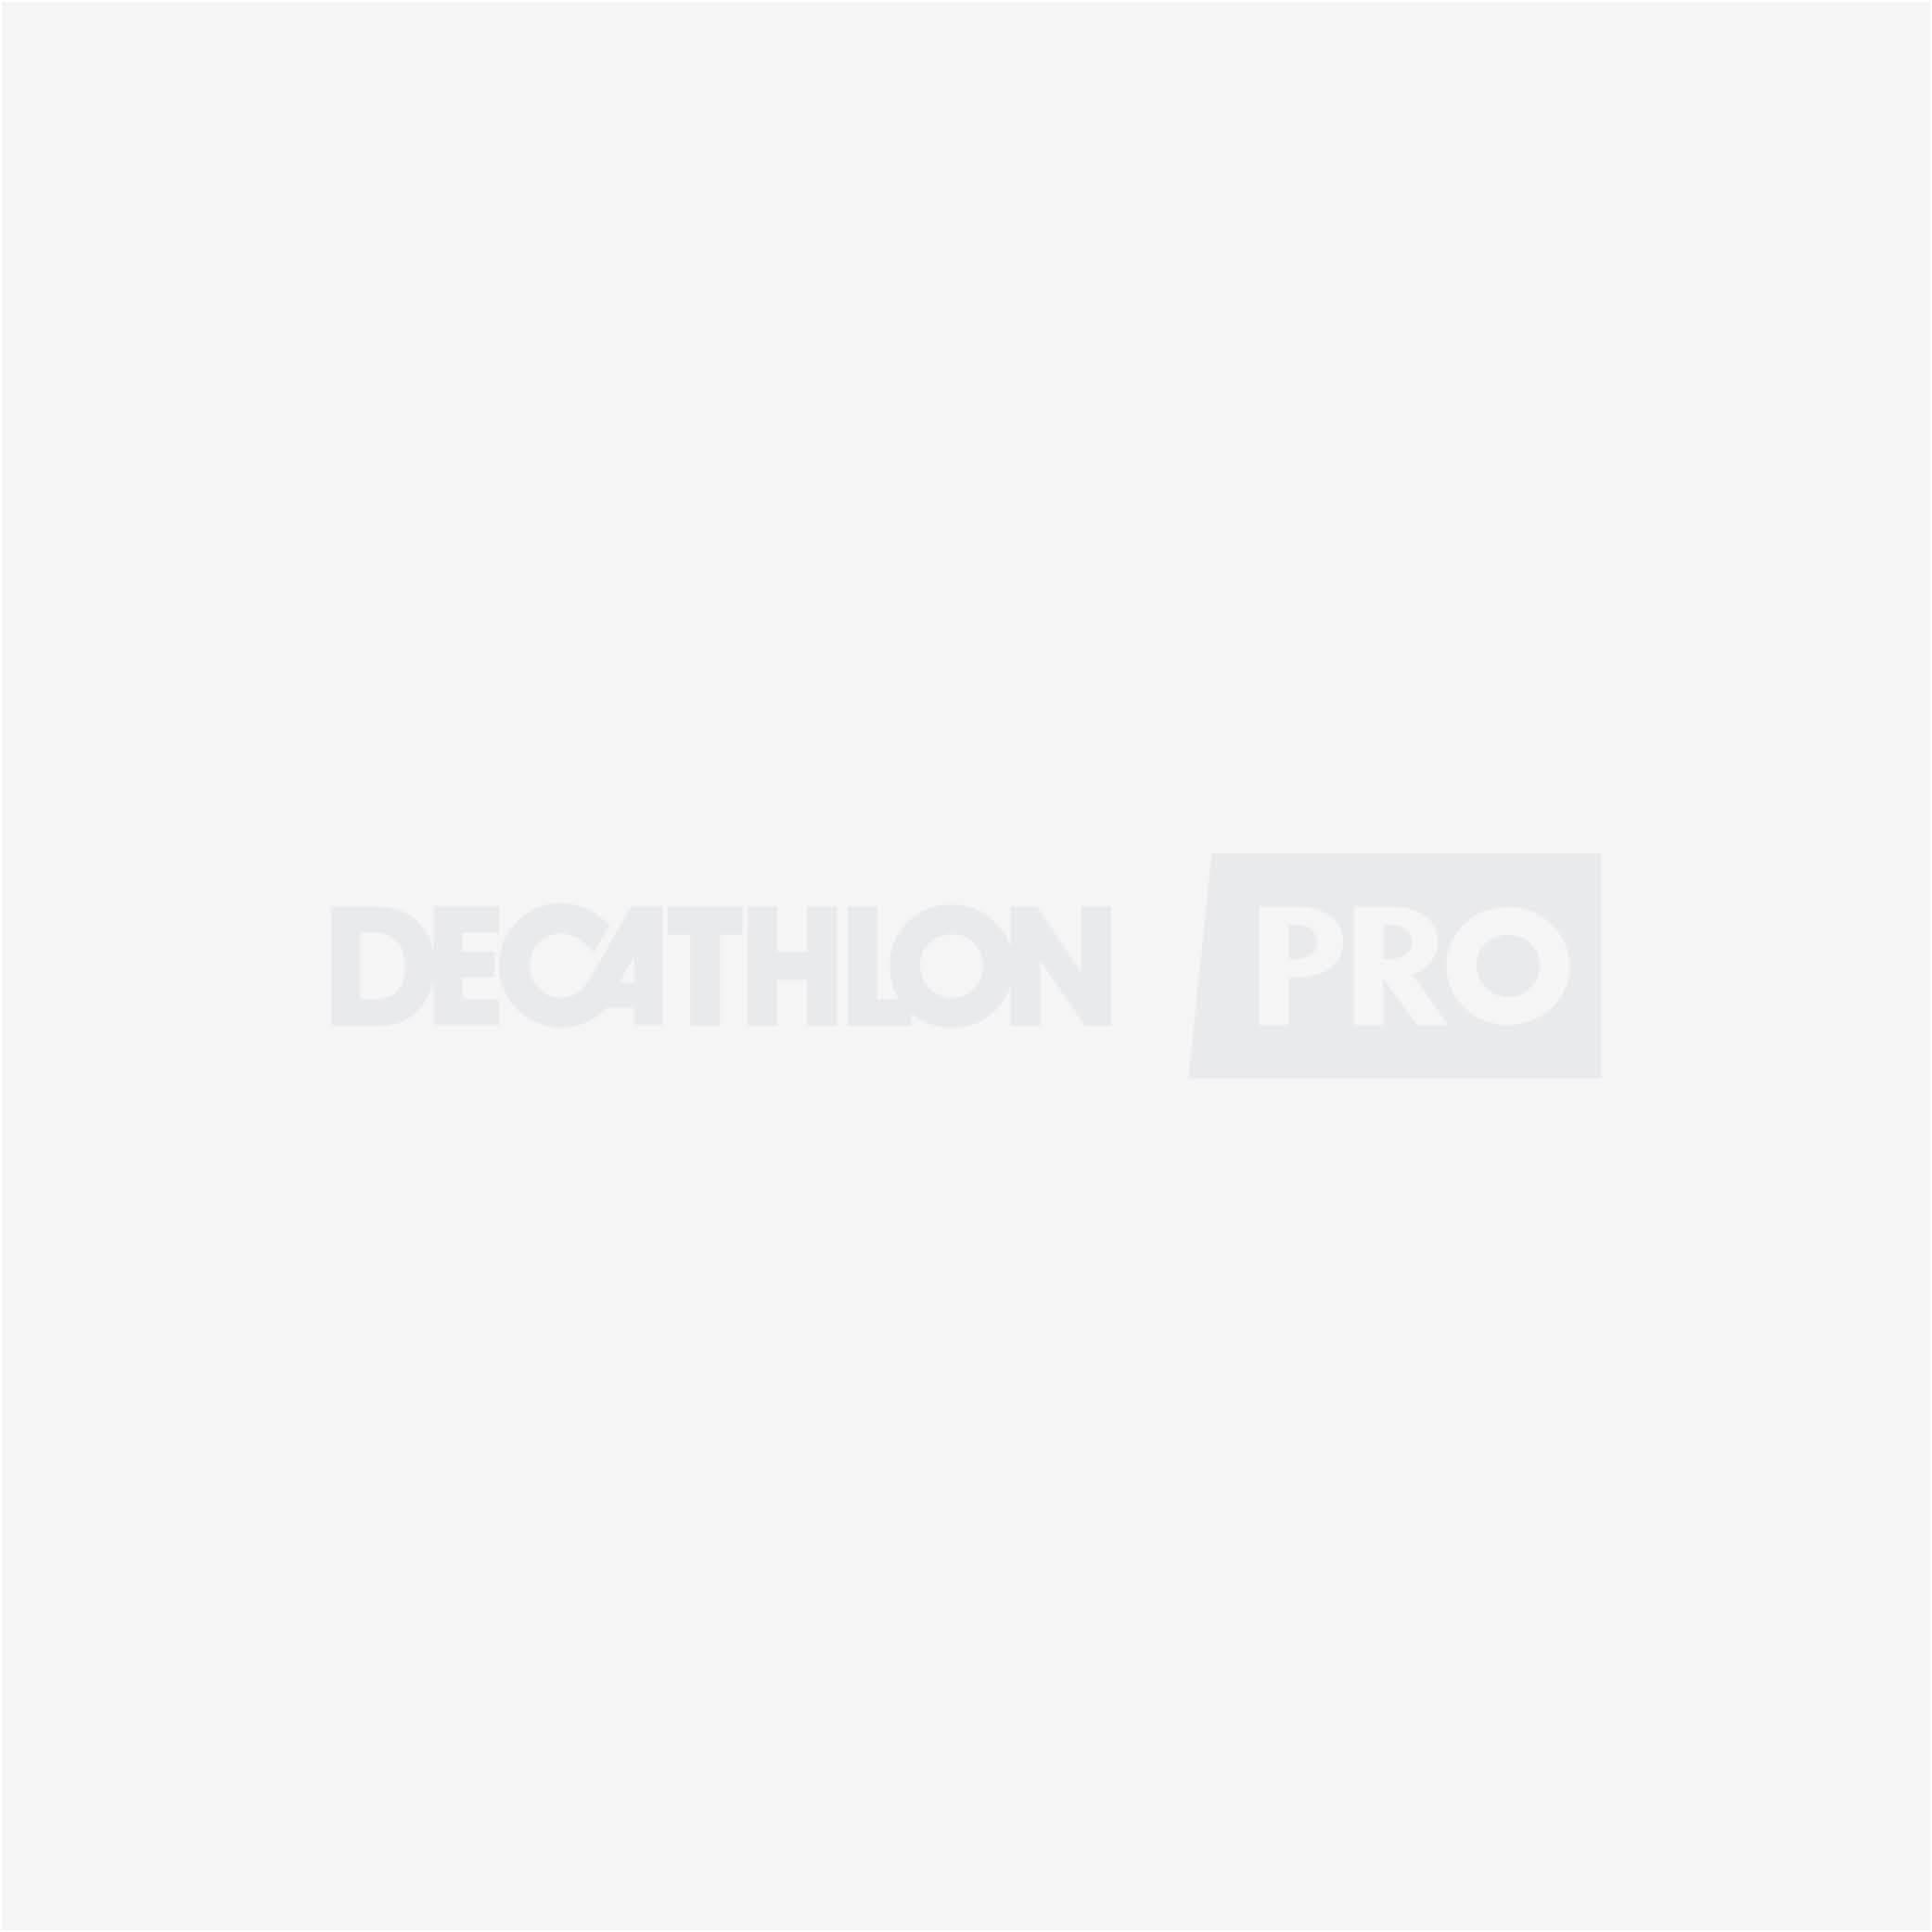 Twitter Decathlon Pro